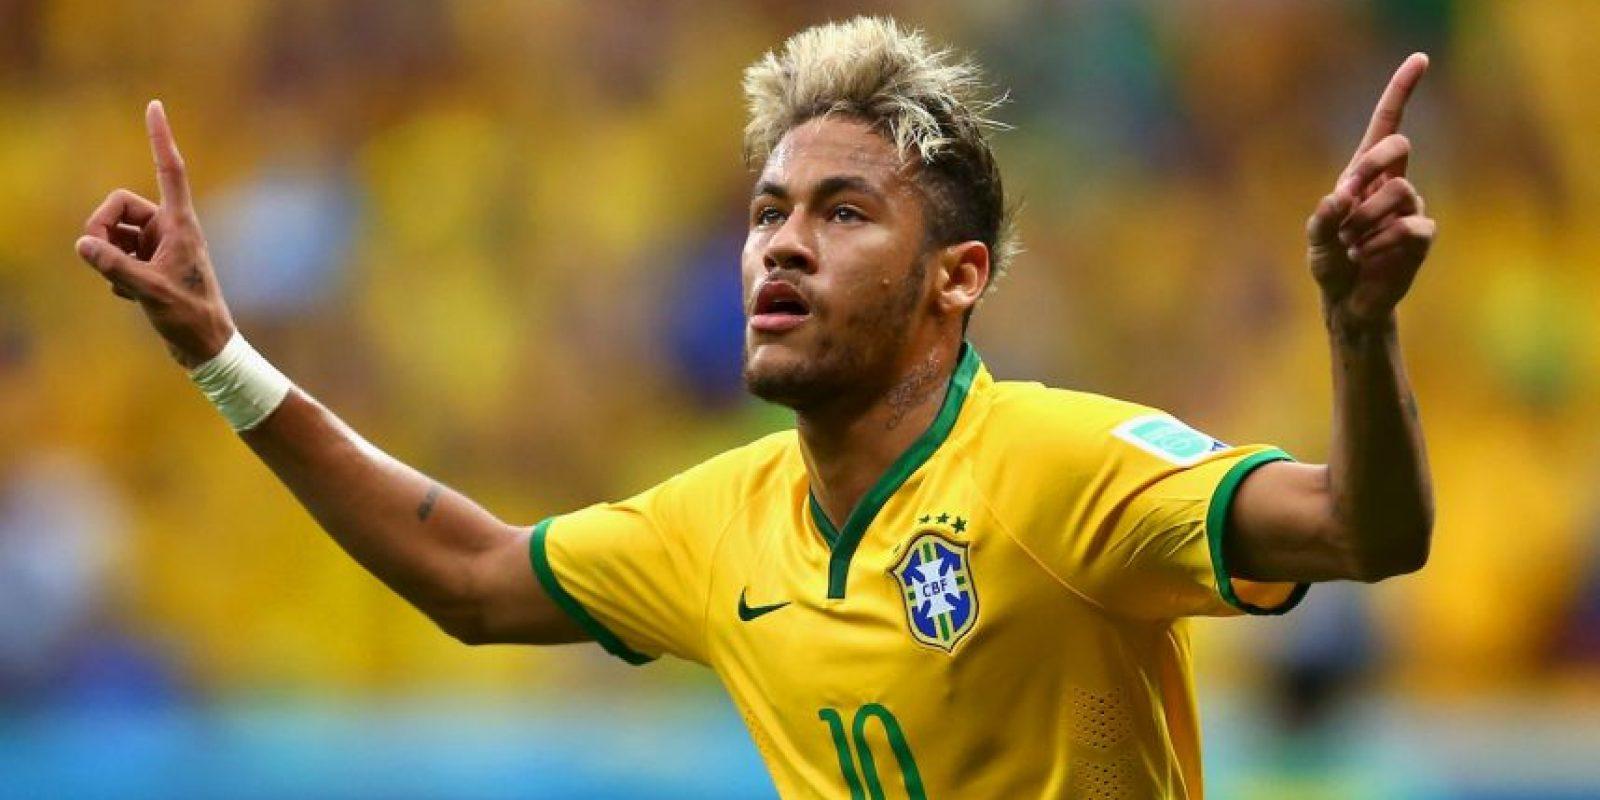 """Sus actuaciones le valieron que grandes de Europa como Barcelona, Real Madrid y Chelsea se """"pelearan"""" por ficharlo. Foto:Getty Images"""